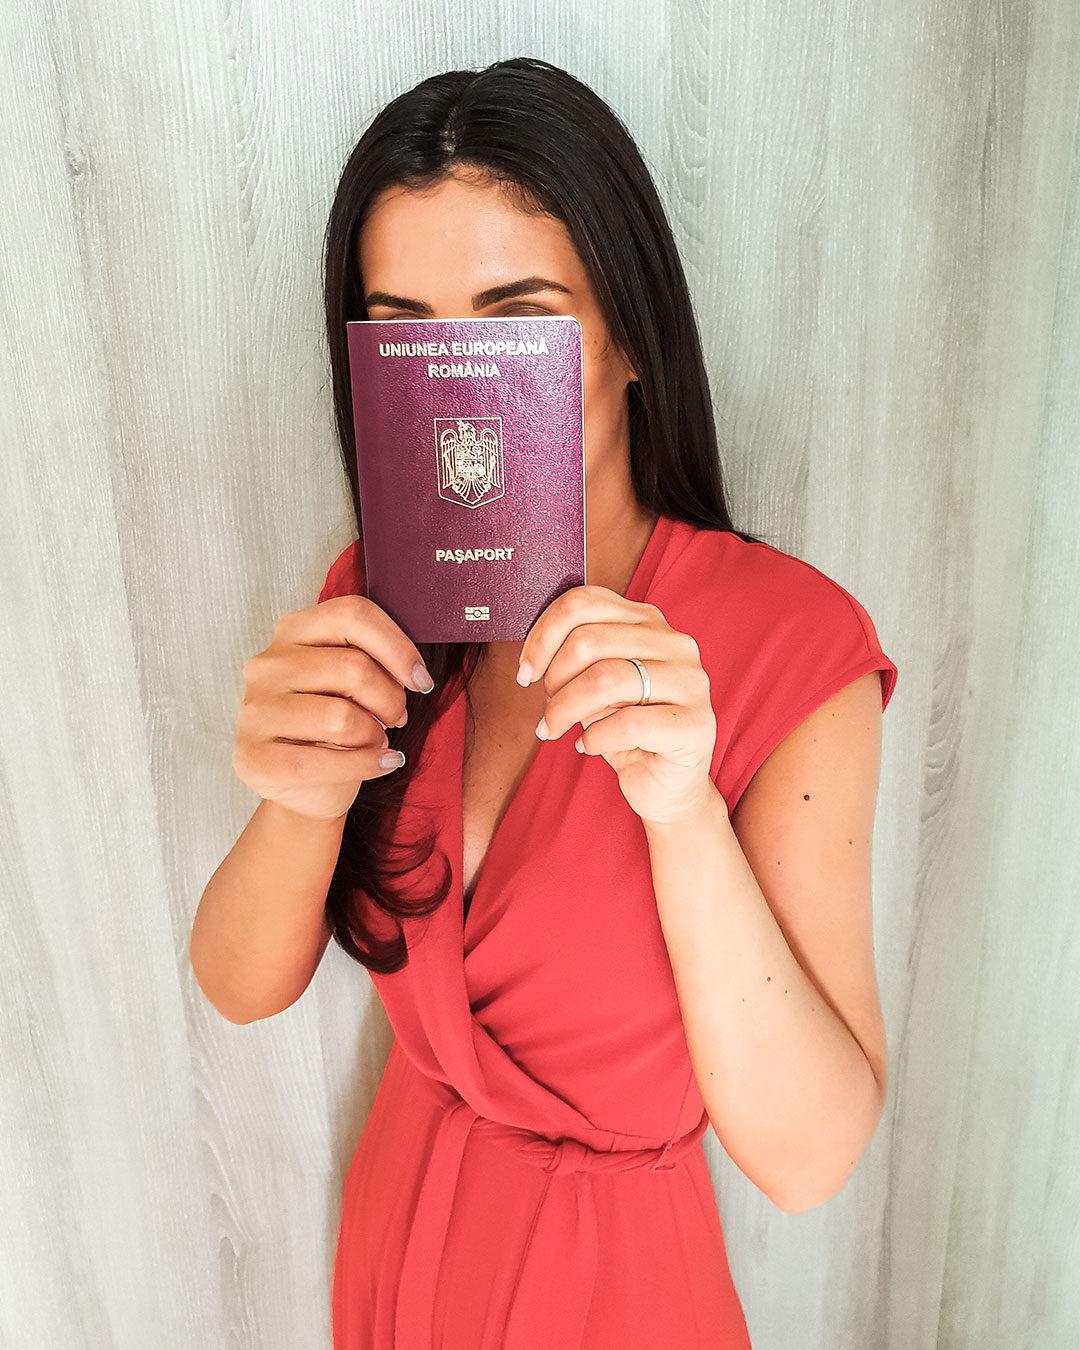 cristina-pasaport